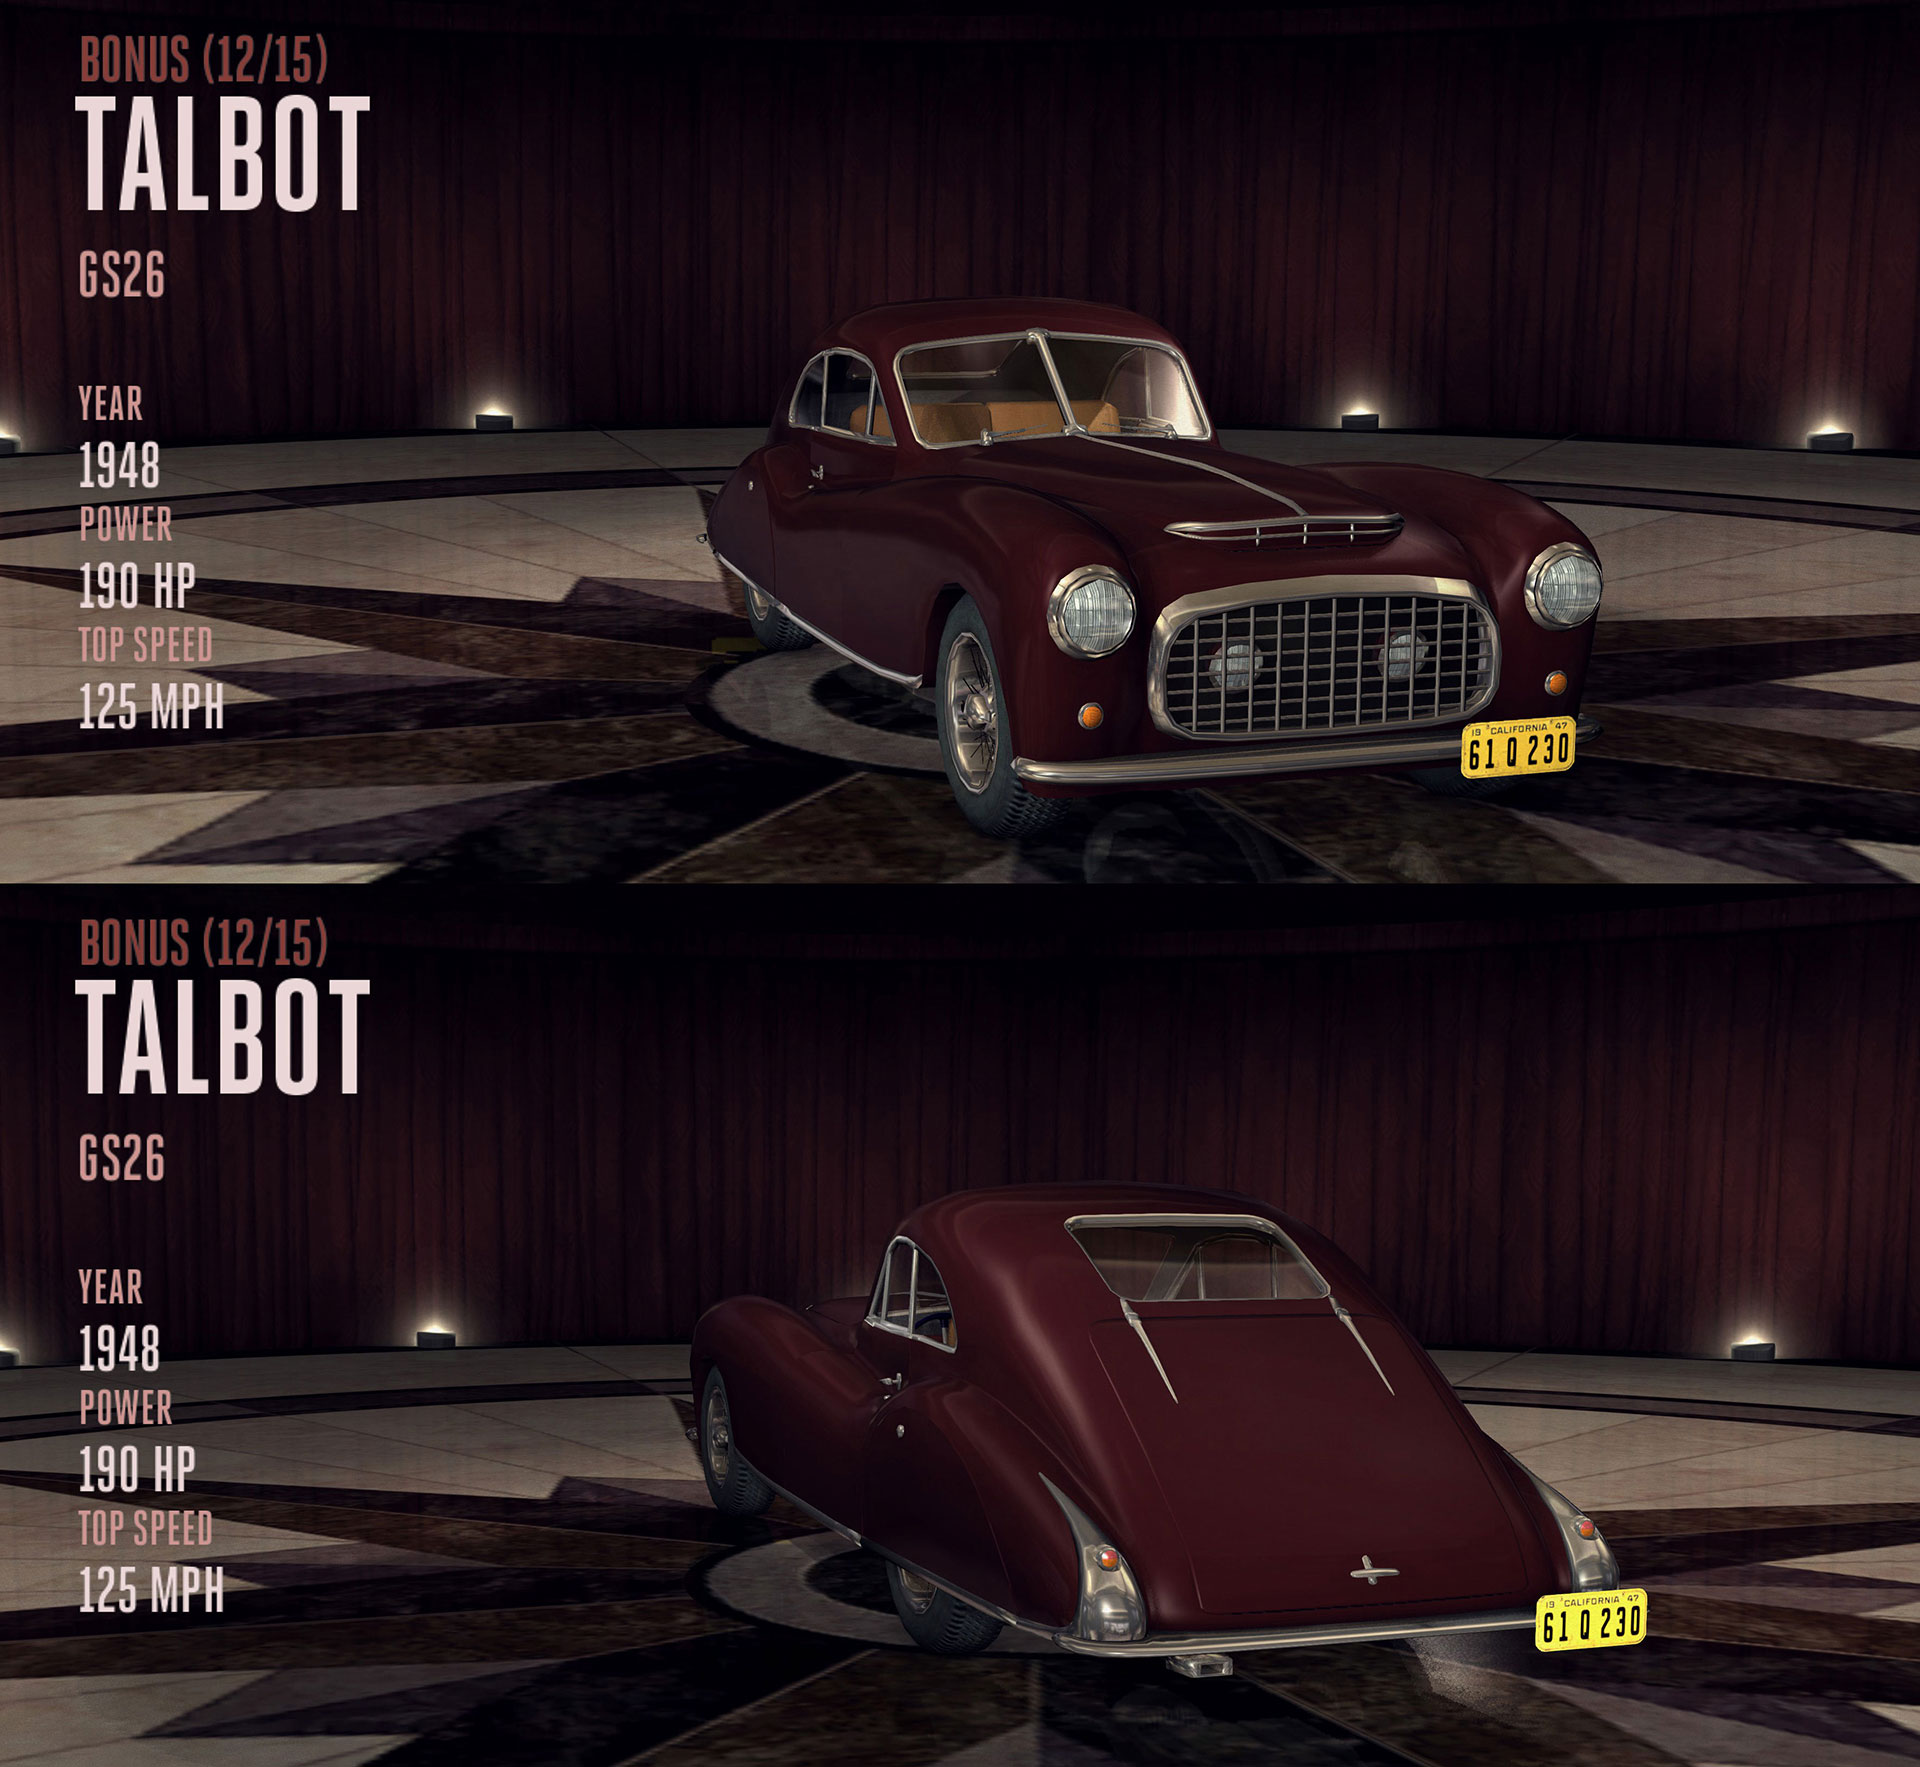 Archivo:1948-talbot-gs26.jpg